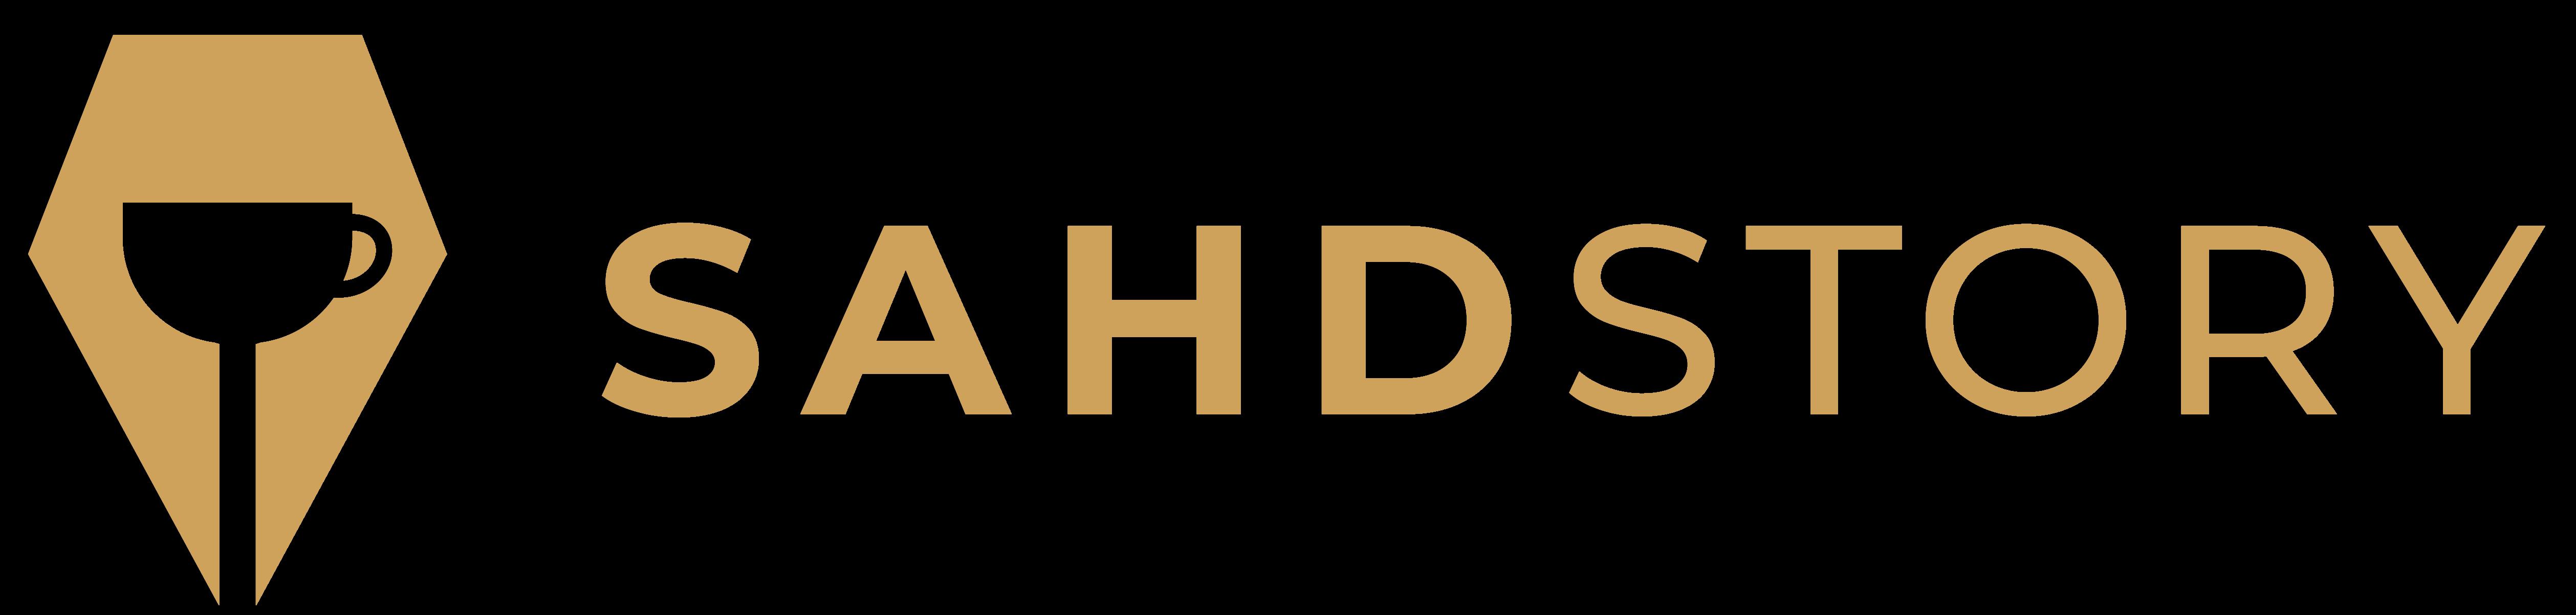 SAHD Story